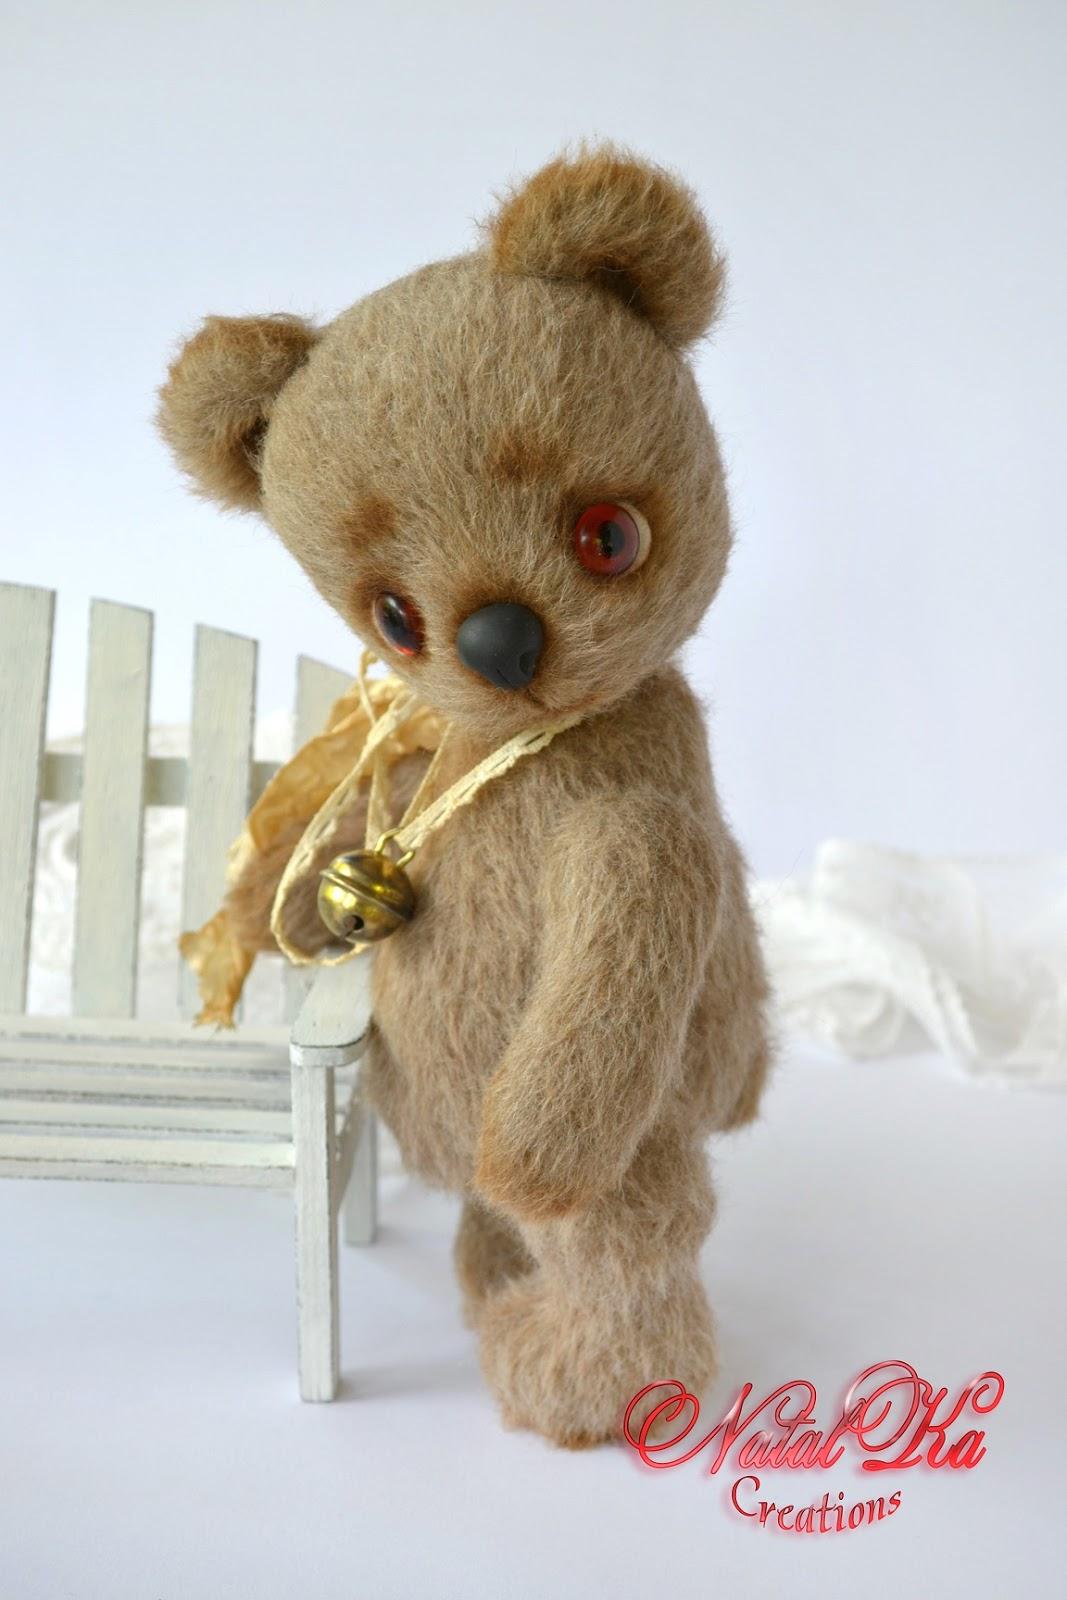 Künstlerbär Teddybär Teddy Unikat handgemacht handgefertigt von NatalKa Creations. Artist teddy bear OOAK handmade by NatalKa Creations